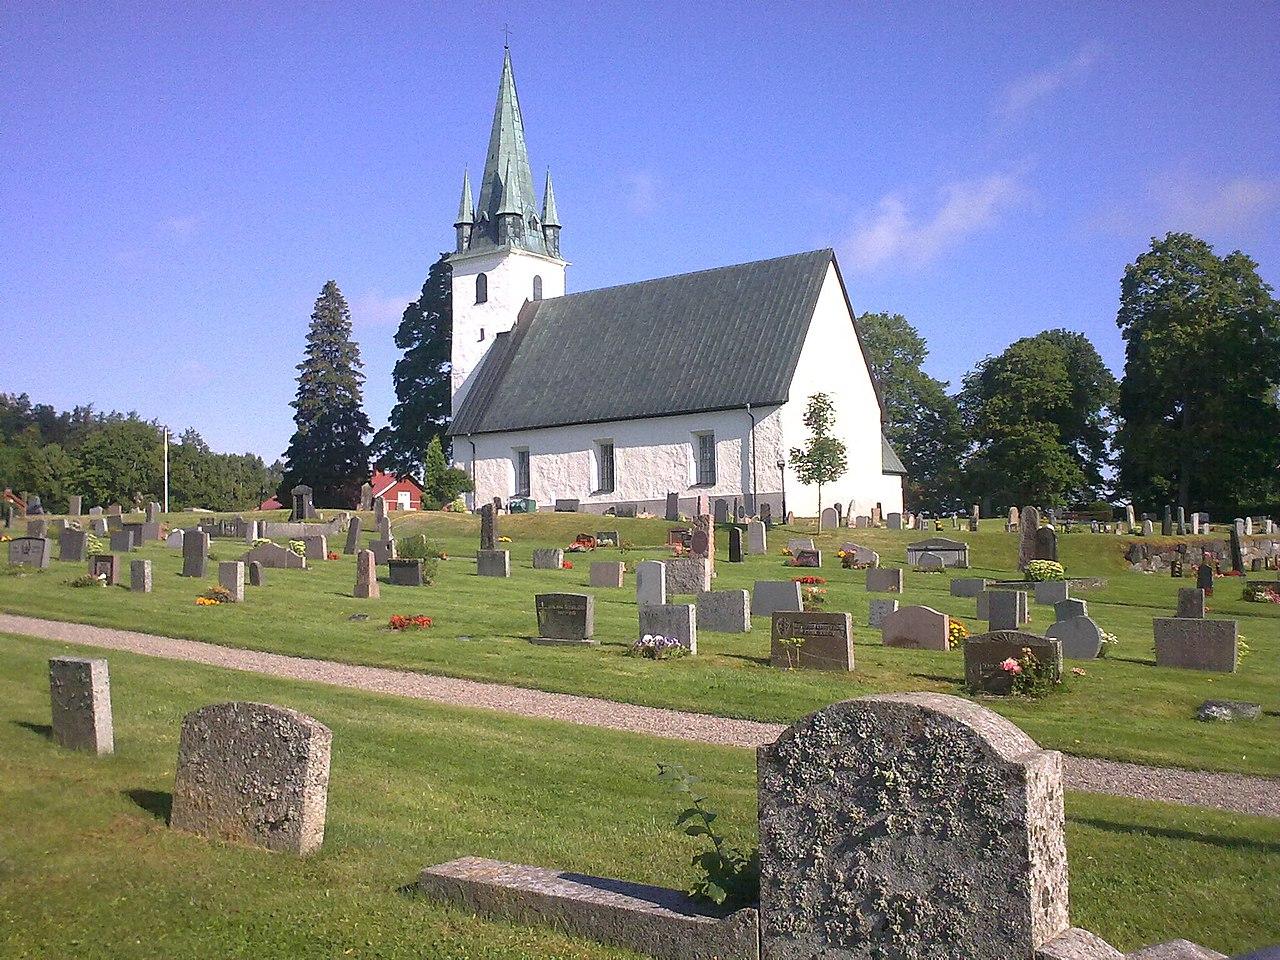 Handlingar hrande til Konung Carl XII:s historia